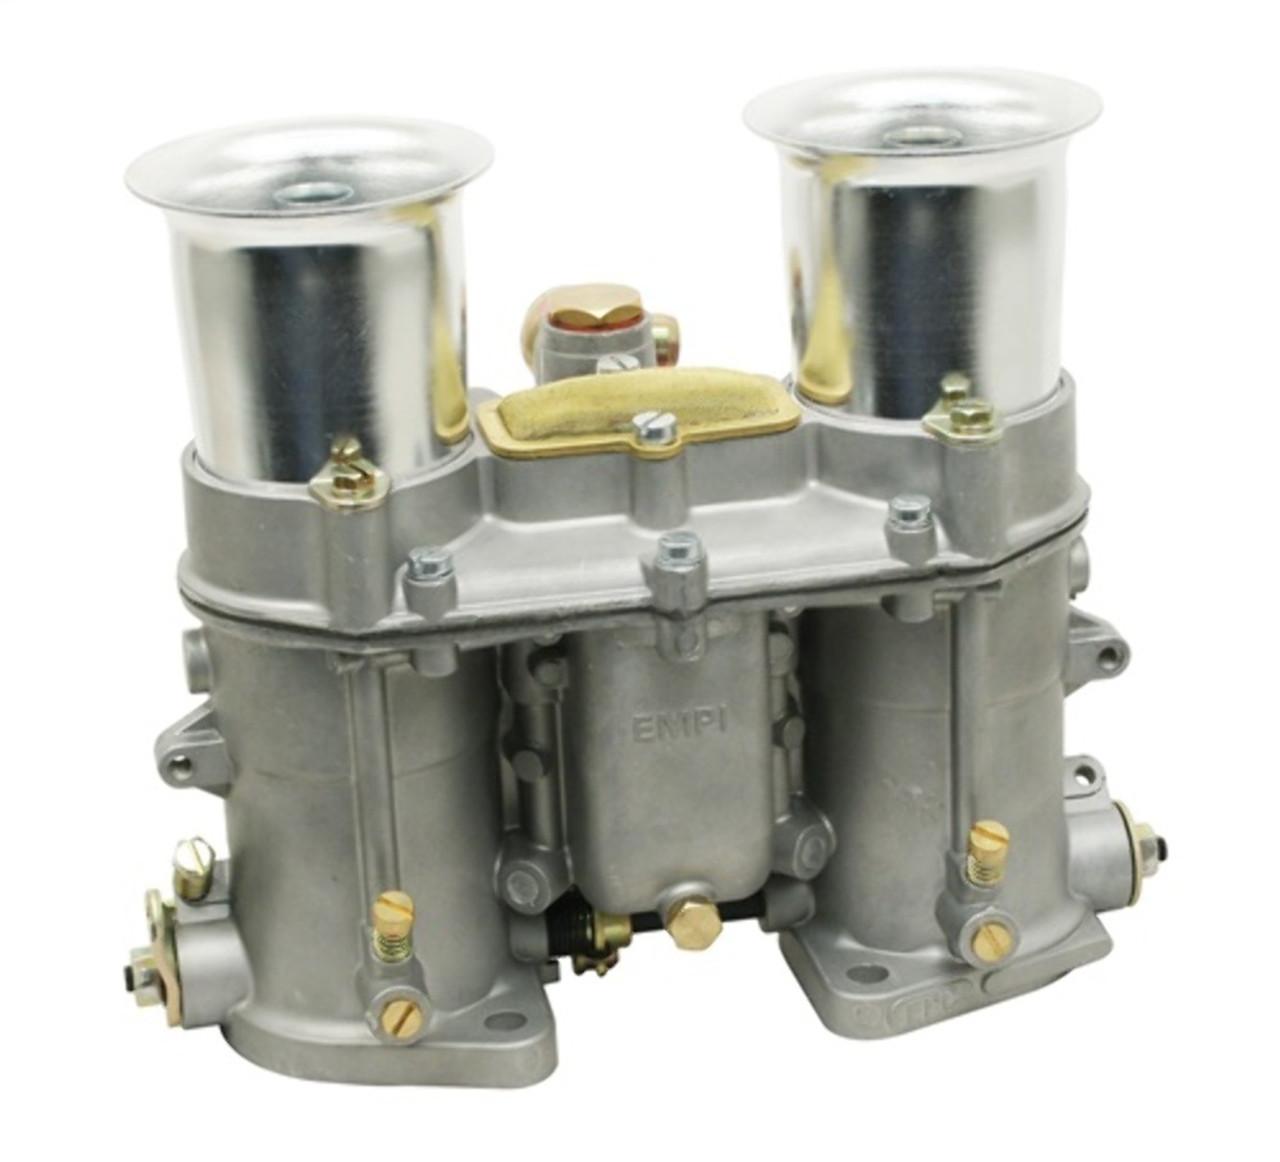 47-1050-0 EMPI EPC-51(MOD)CARB W/STCKS